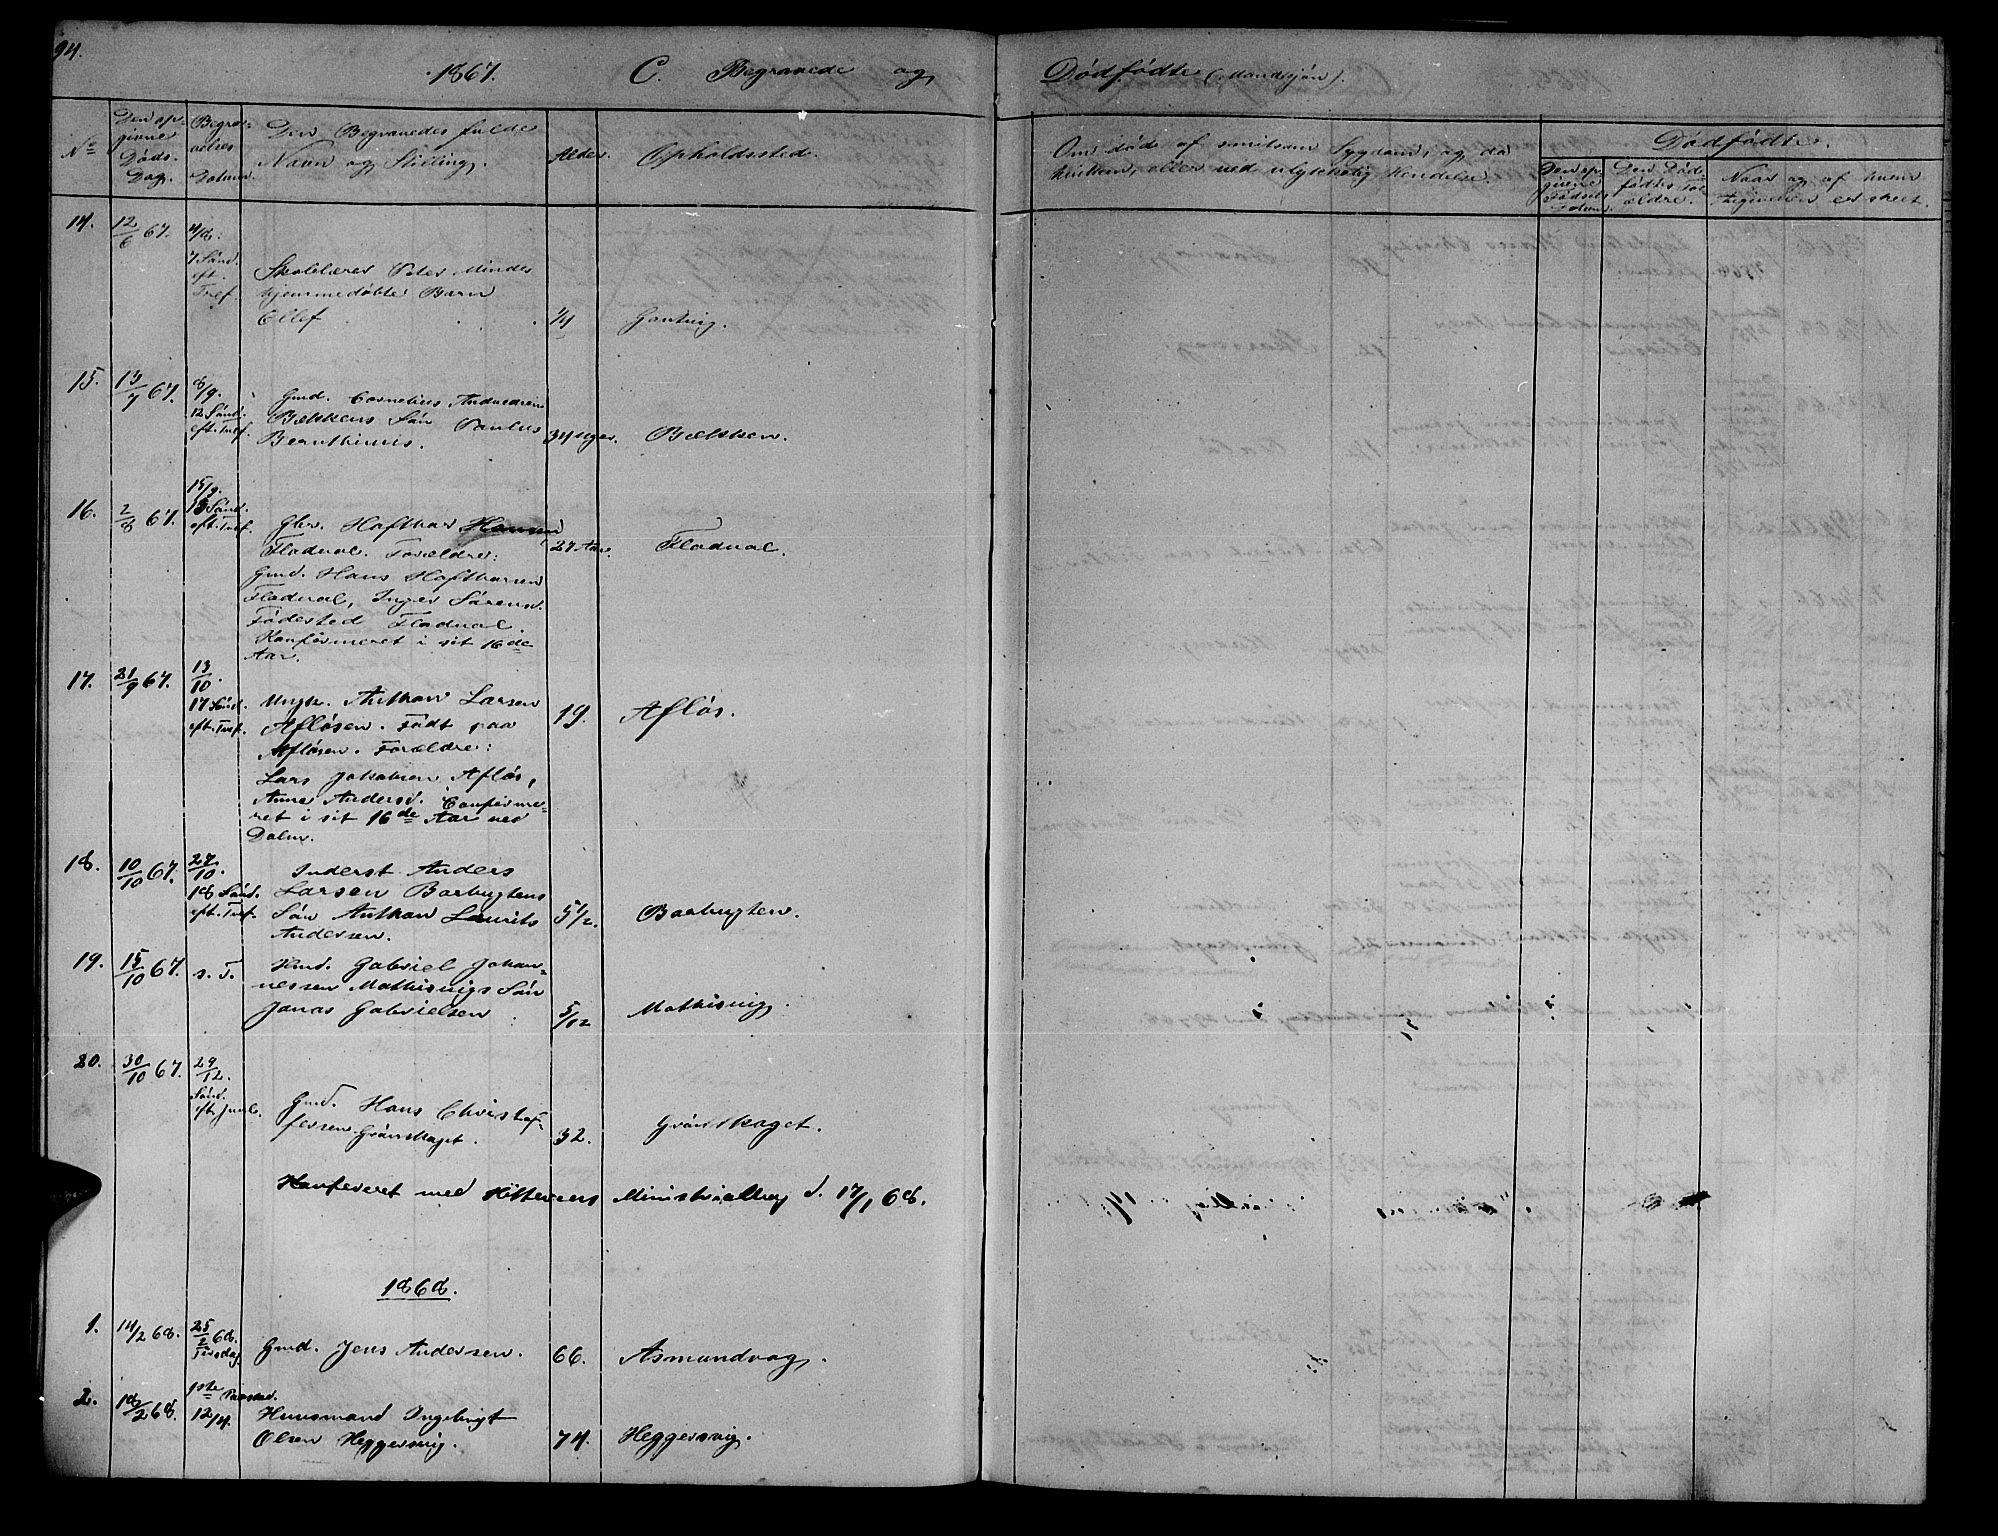 SAT, Ministerialprotokoller, klokkerbøker og fødselsregistre - Sør-Trøndelag, 634/L0539: Klokkerbok nr. 634C01, 1866-1873, s. 94